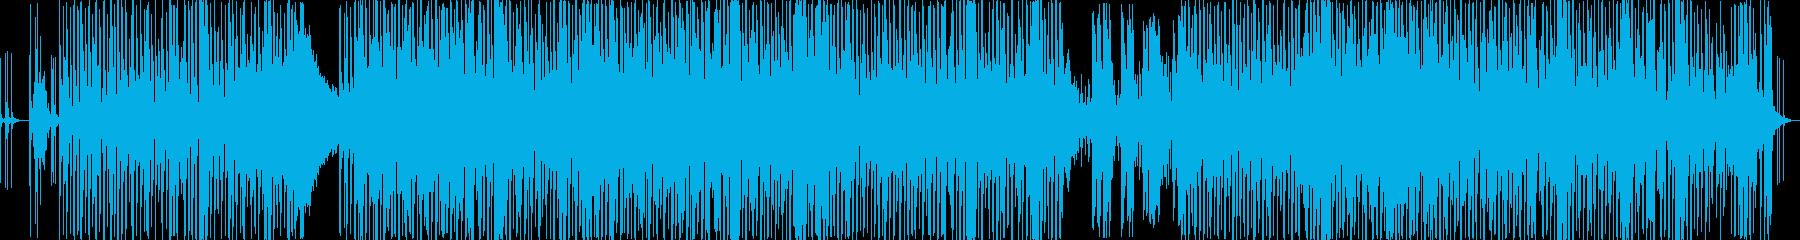 エレクトロニック 楽しげ お洒落 ...の再生済みの波形